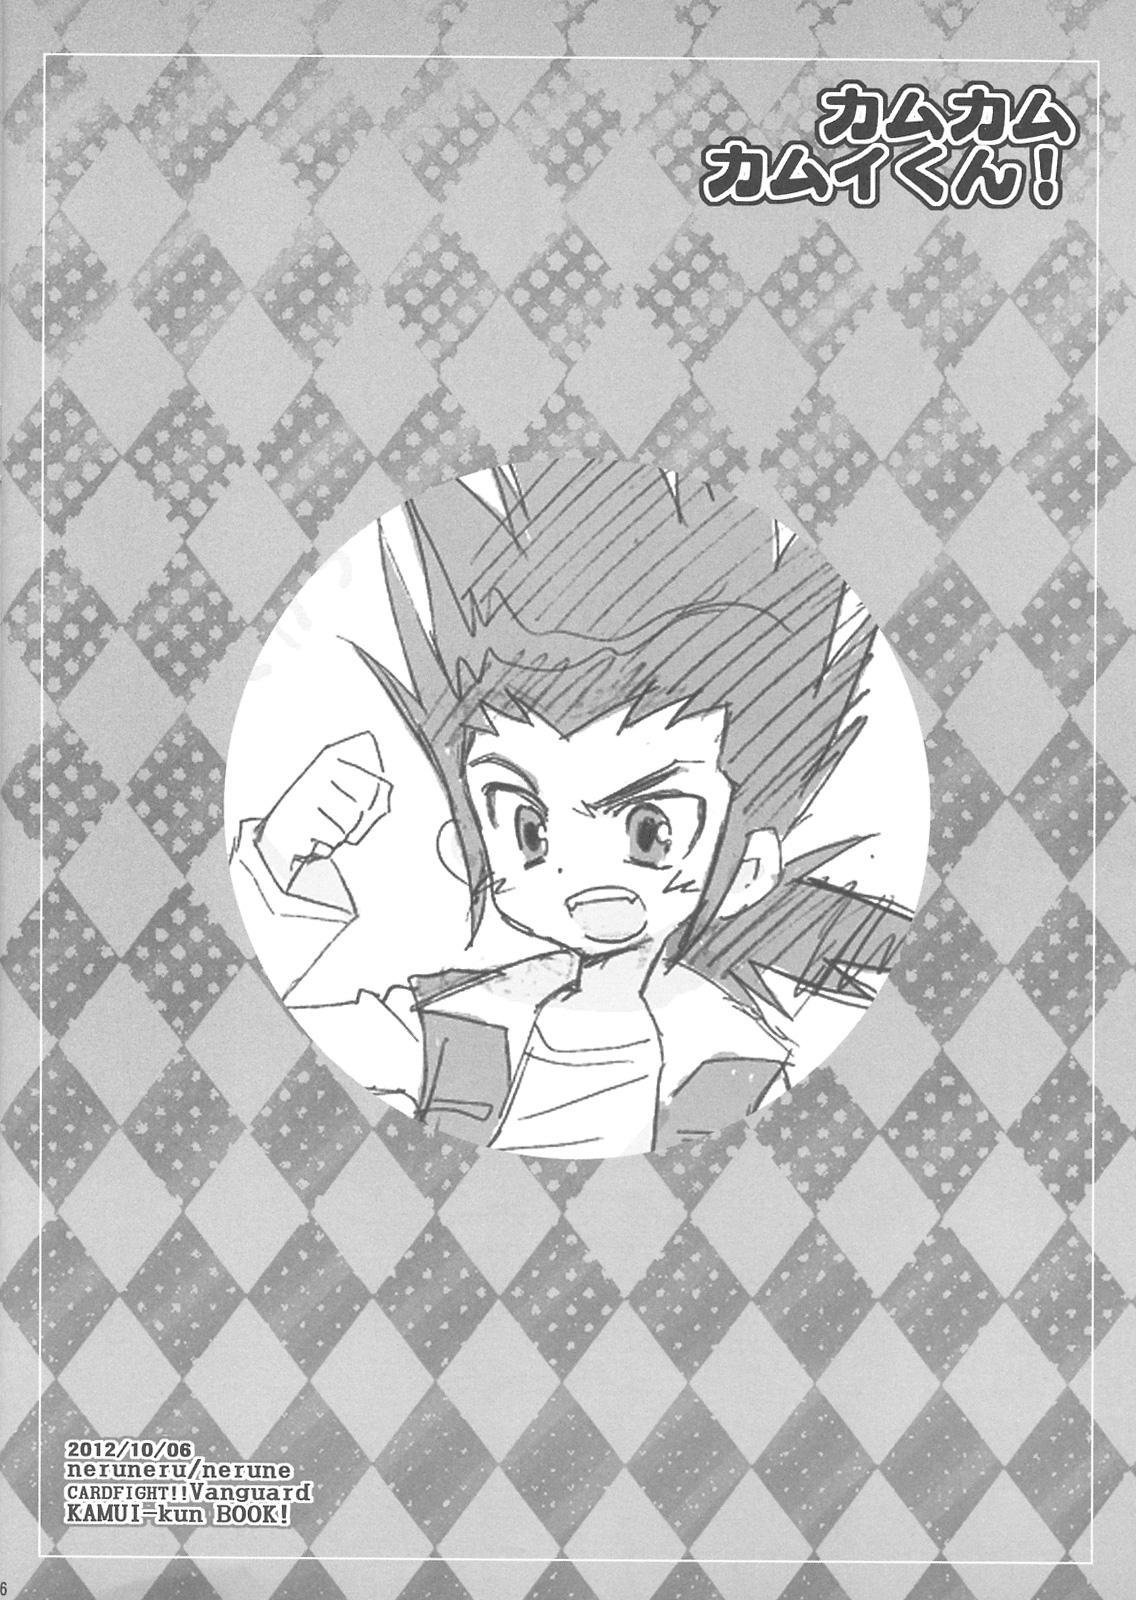 [Neruneru (Nerune)] Come-Come Kamui-kun! (Cardfight!! Vanguard) 15